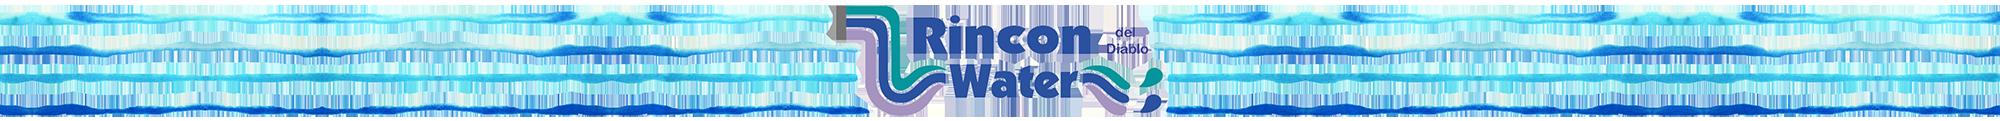 Rincon del Diablo Municipal Water District